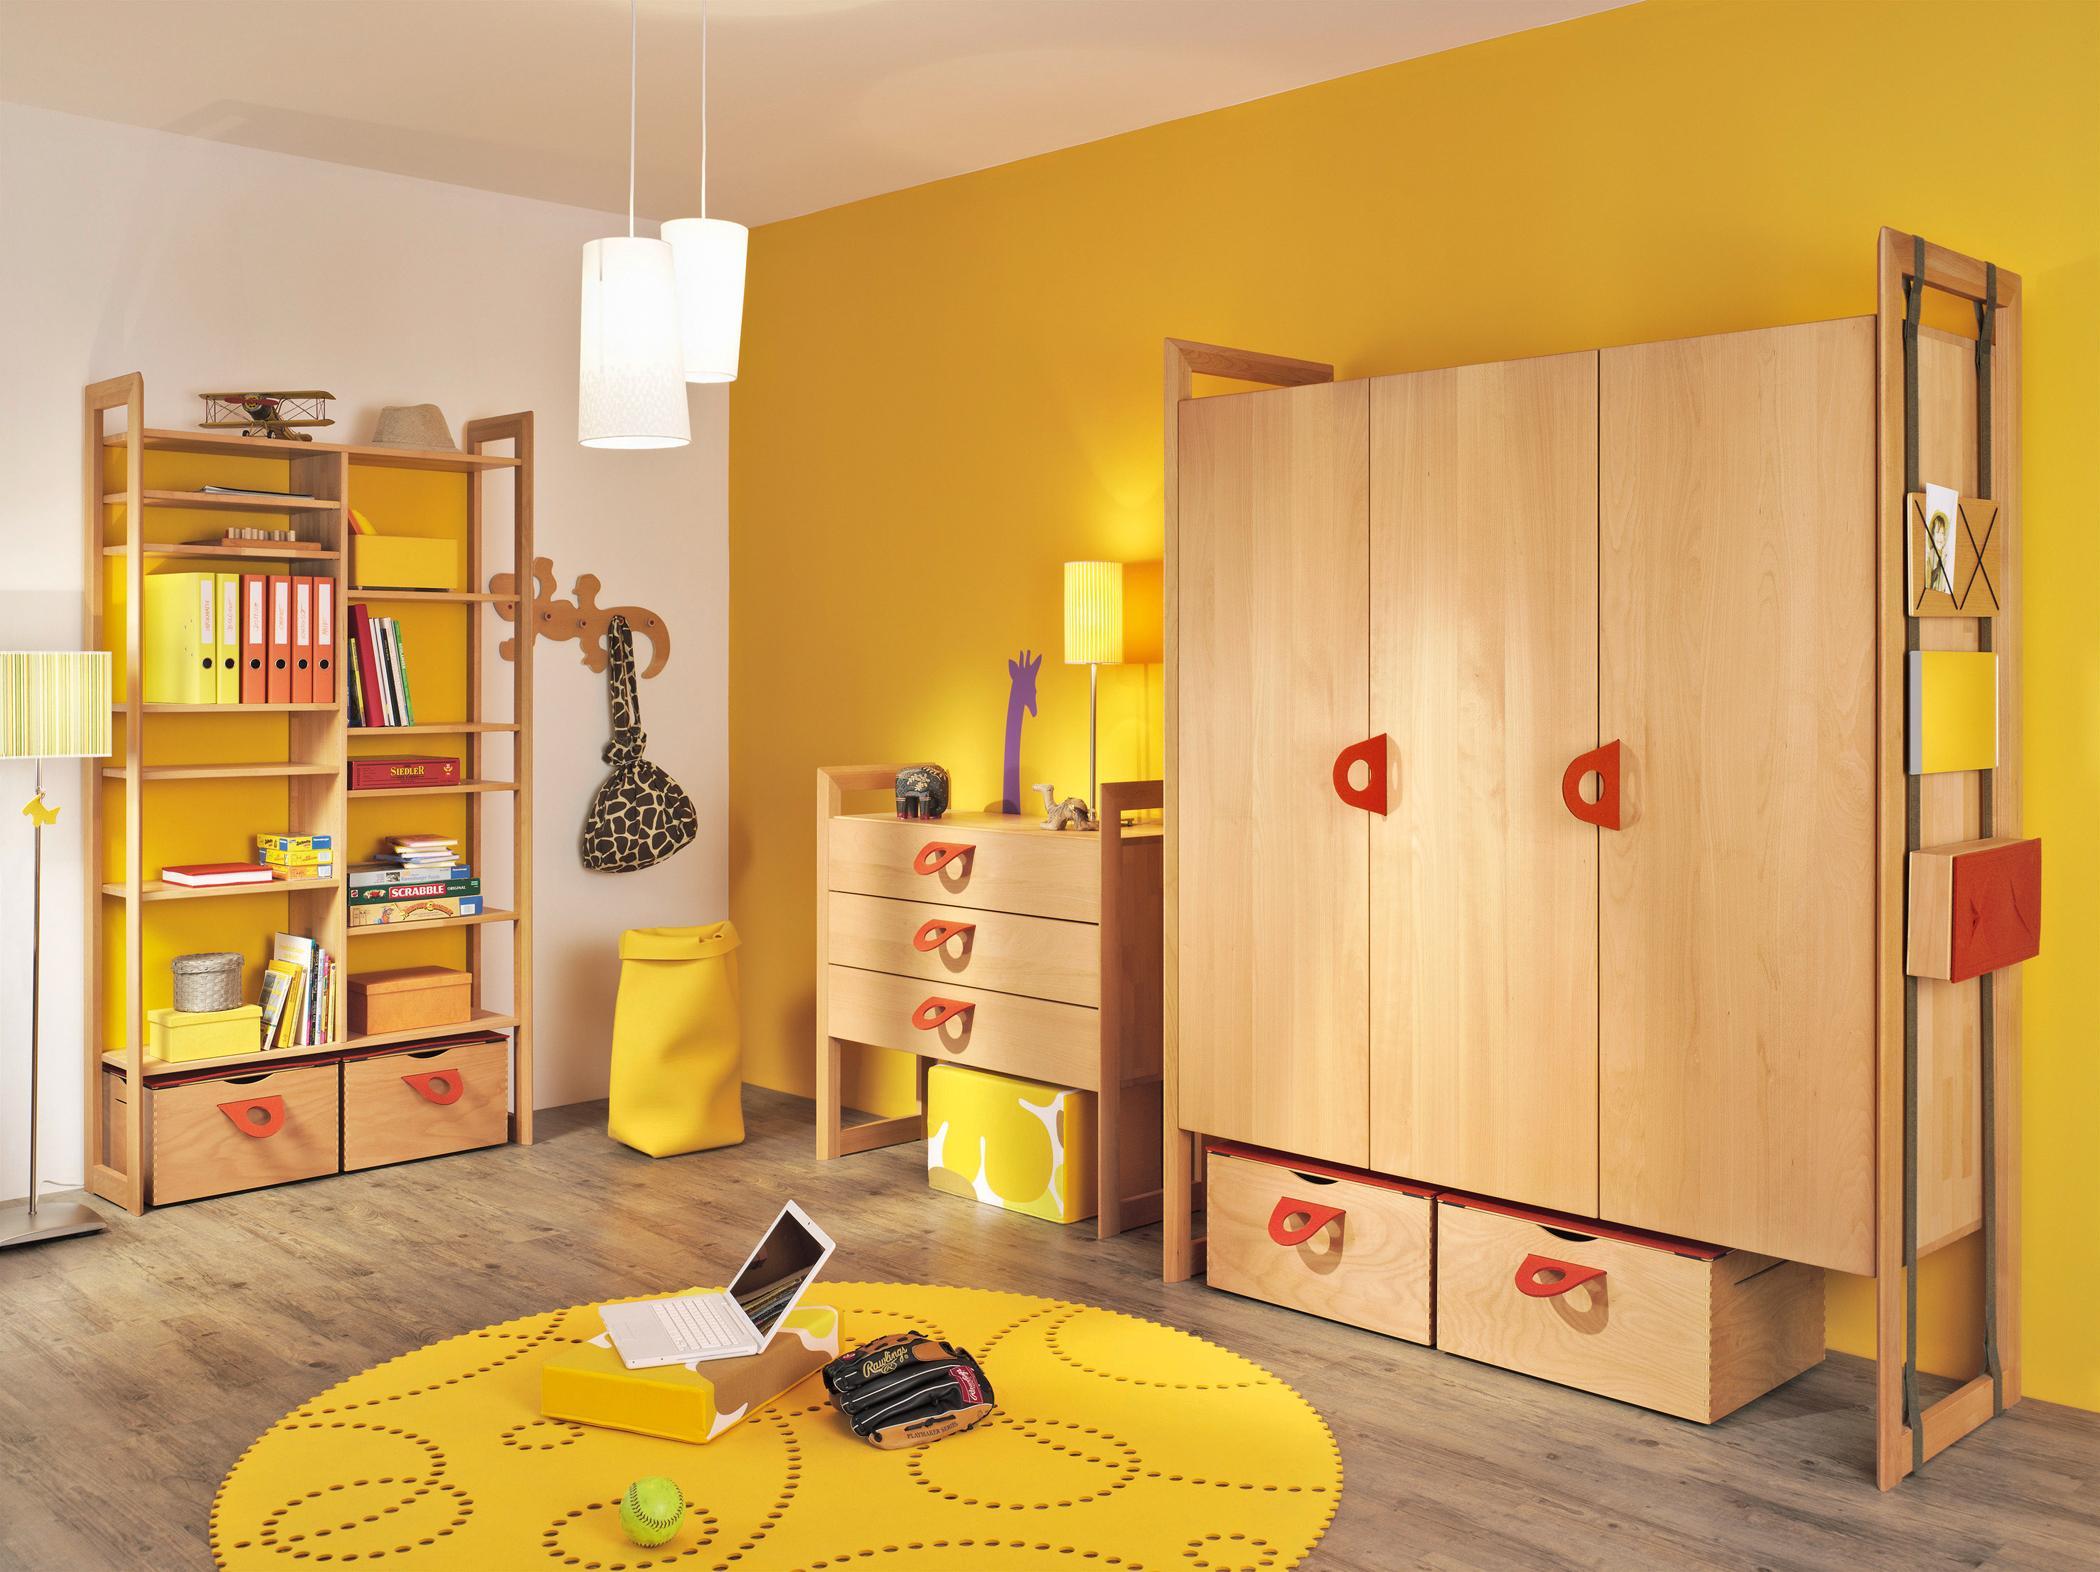 Gelbe Farbgestaltung Im Kinderzimmer #Kommode #Garde